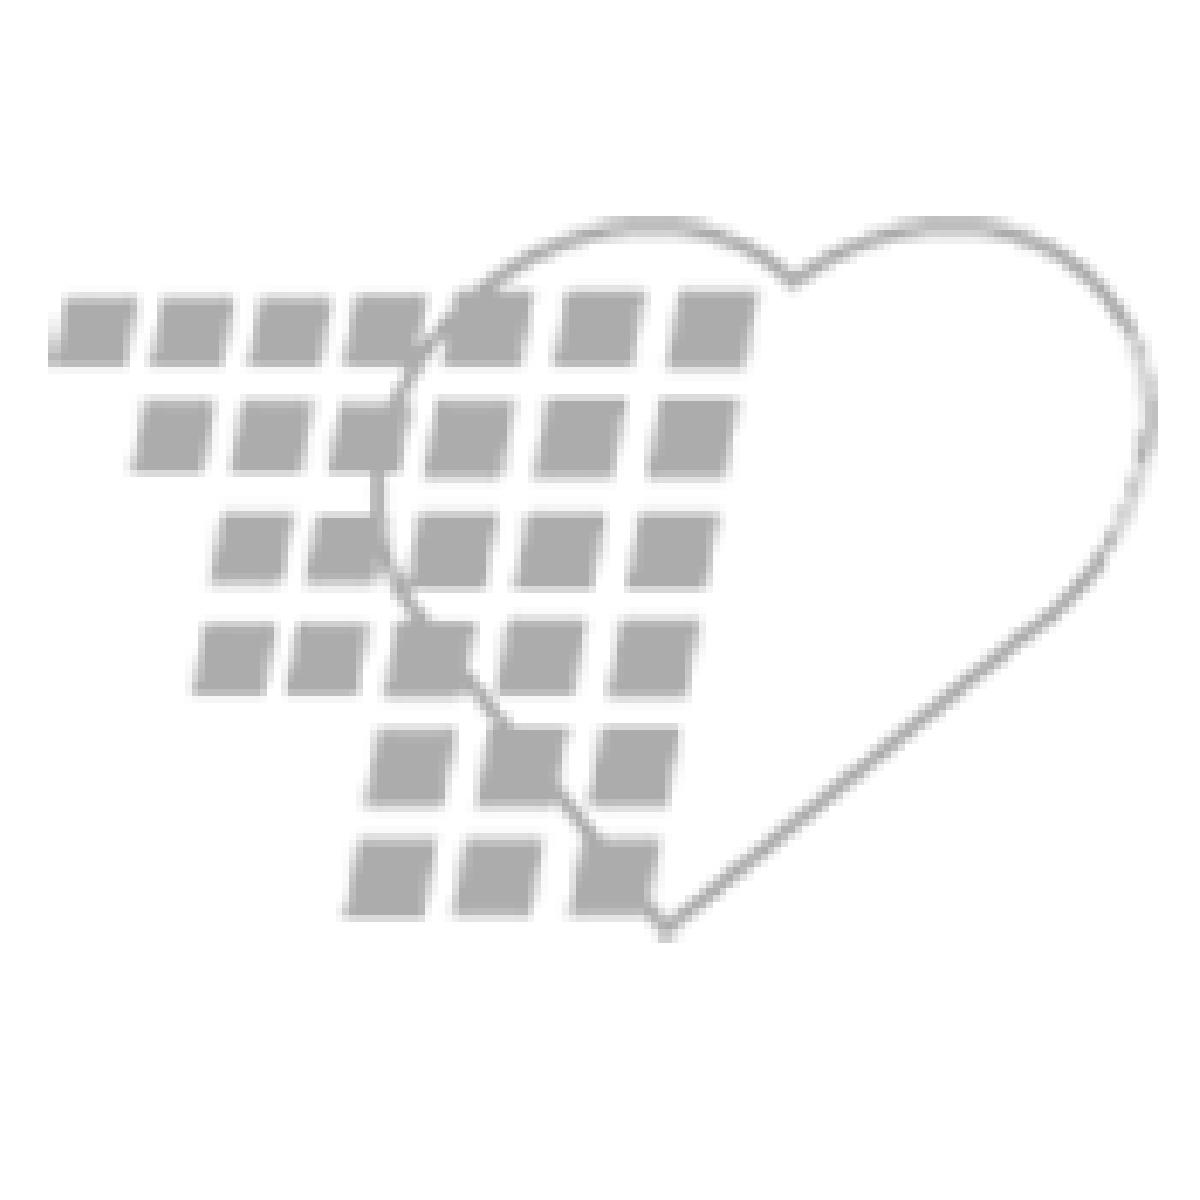 06-93-1438 Demo Dose® Unasn 1.5g/20mL powder vial